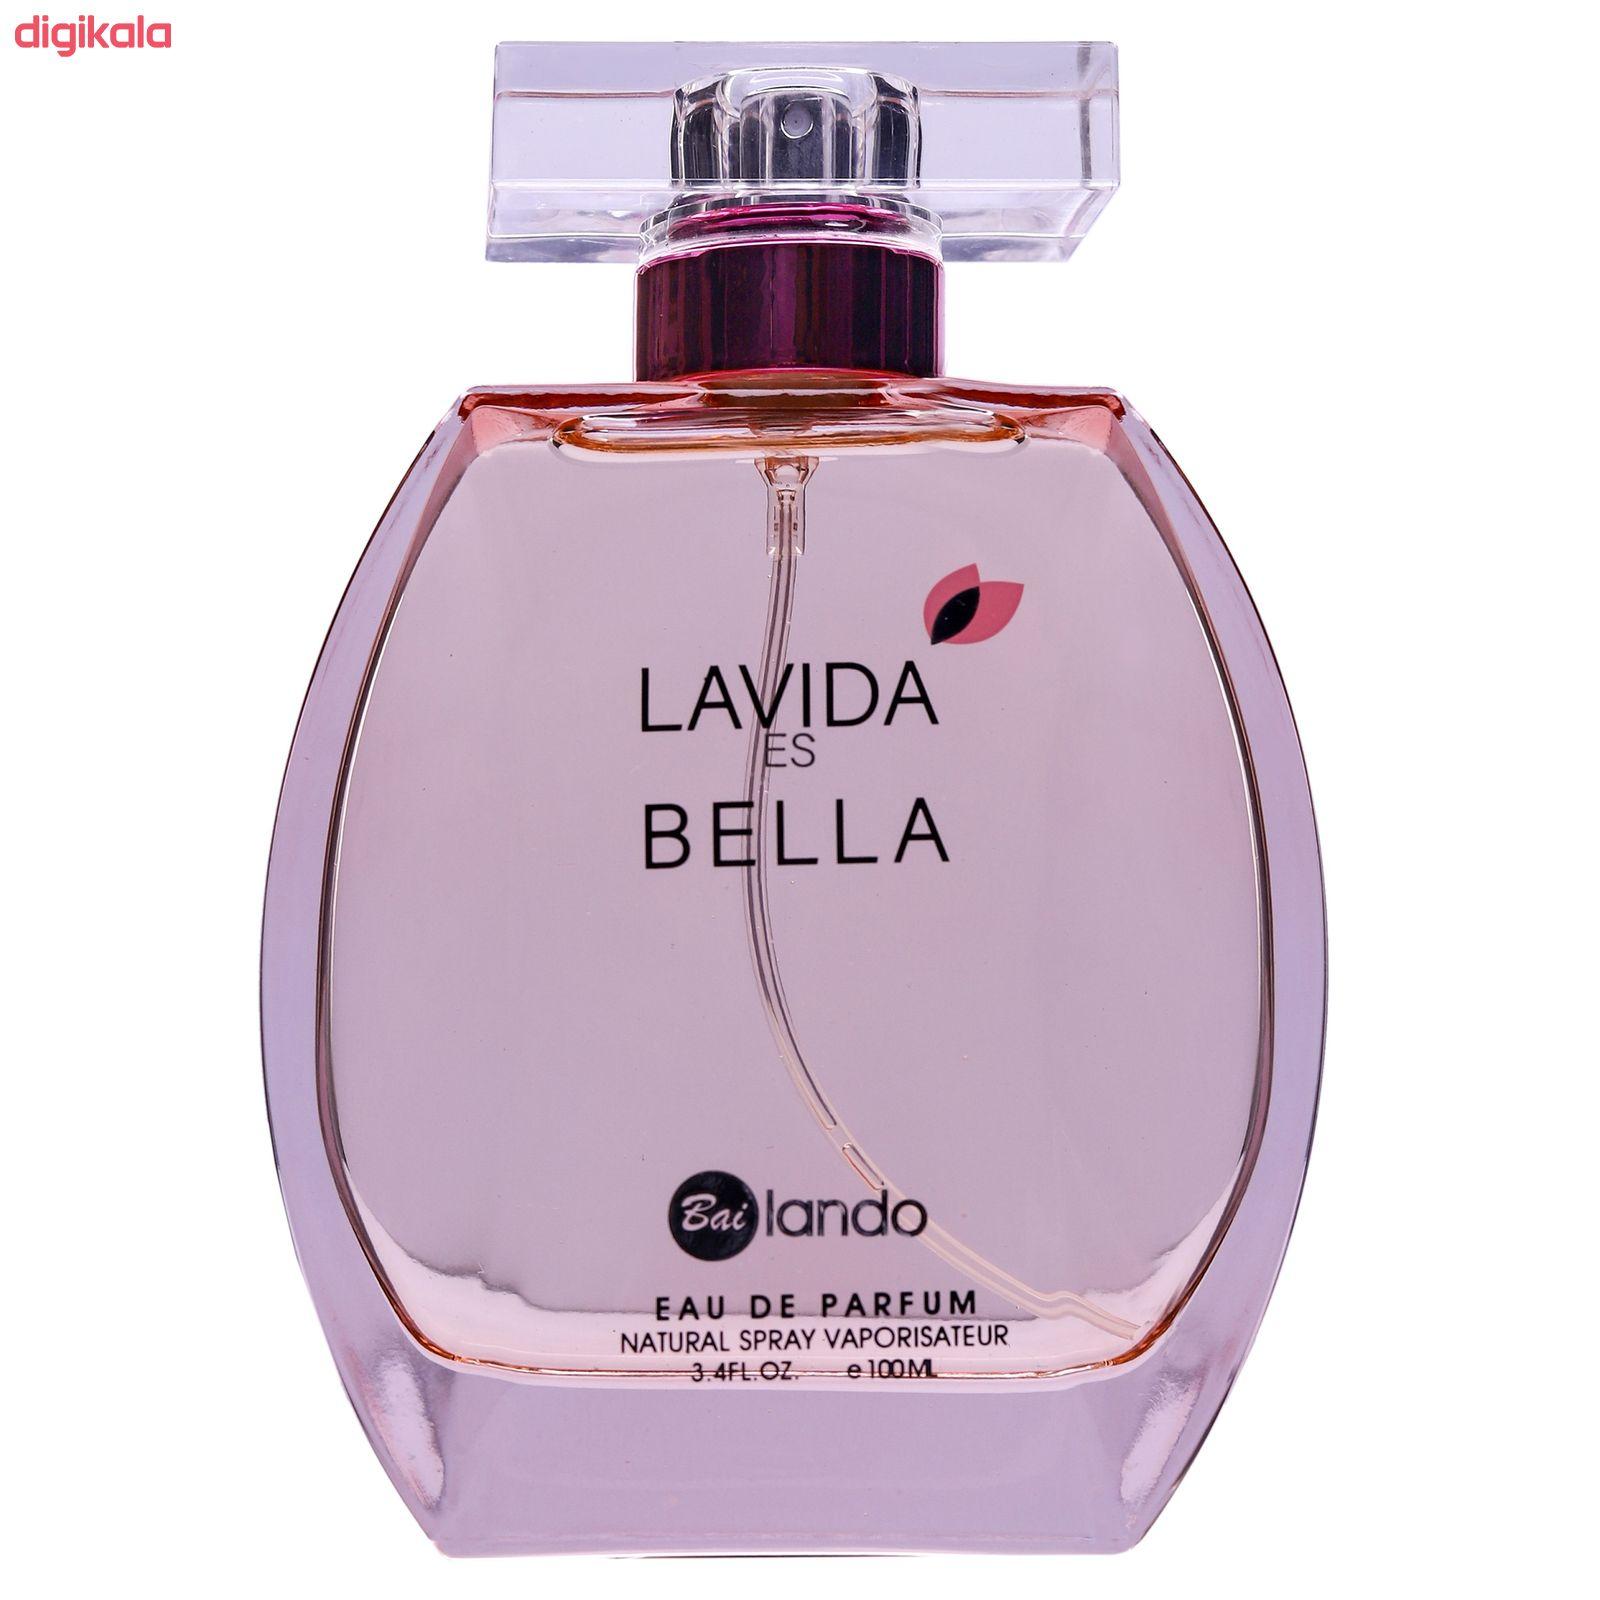 ادو پرفیوم زنانه بایلندو مدل lavida es bella حجم 100 میلی لیتر